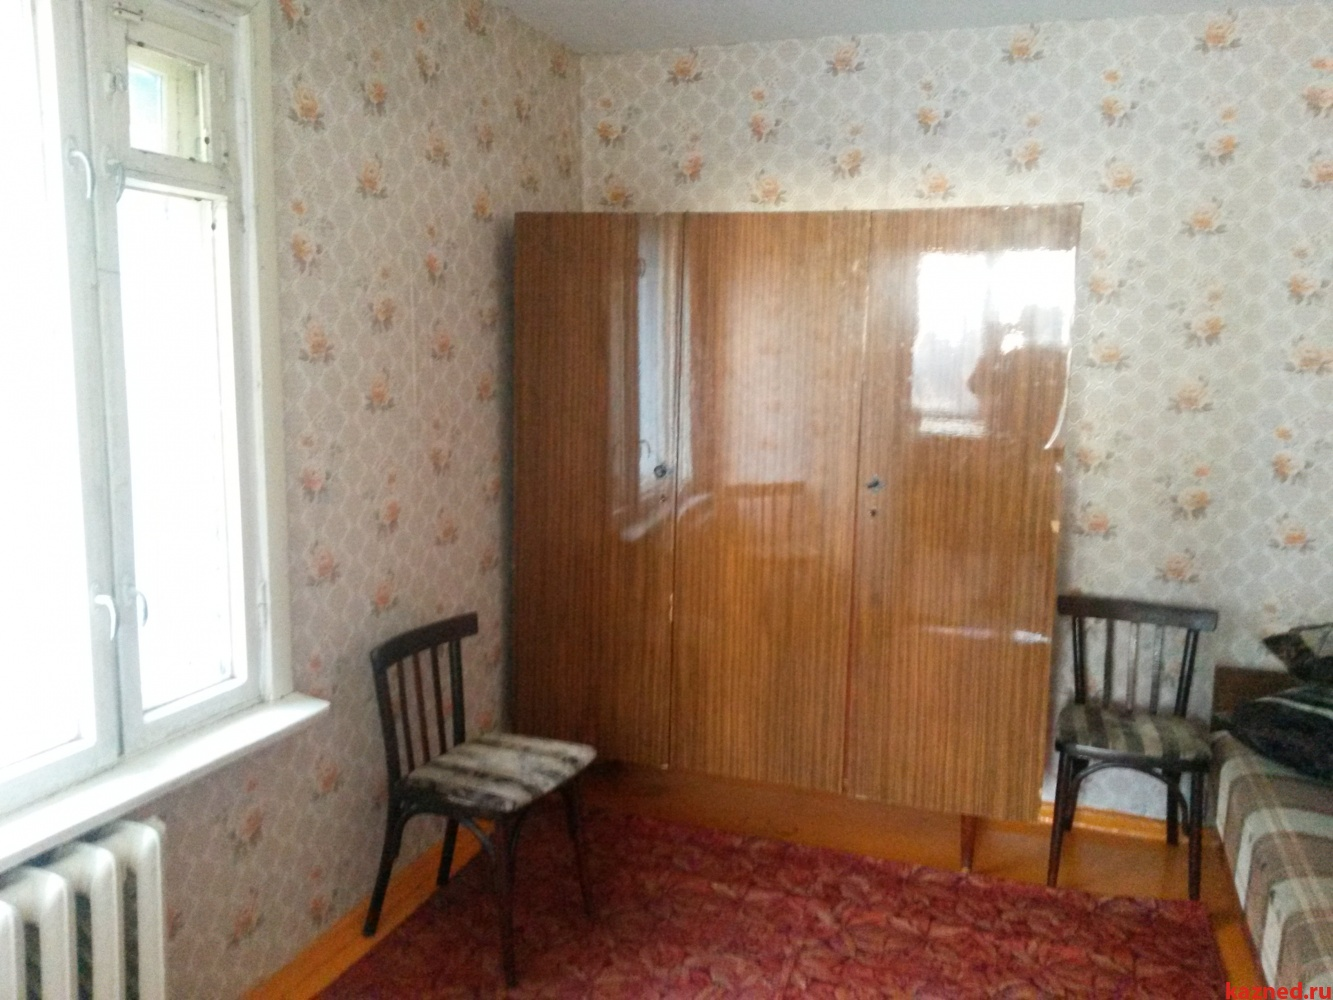 Продажа 2-к квартиры ул.Х.Мавлютова, 30, 38 м² (миниатюра №3)